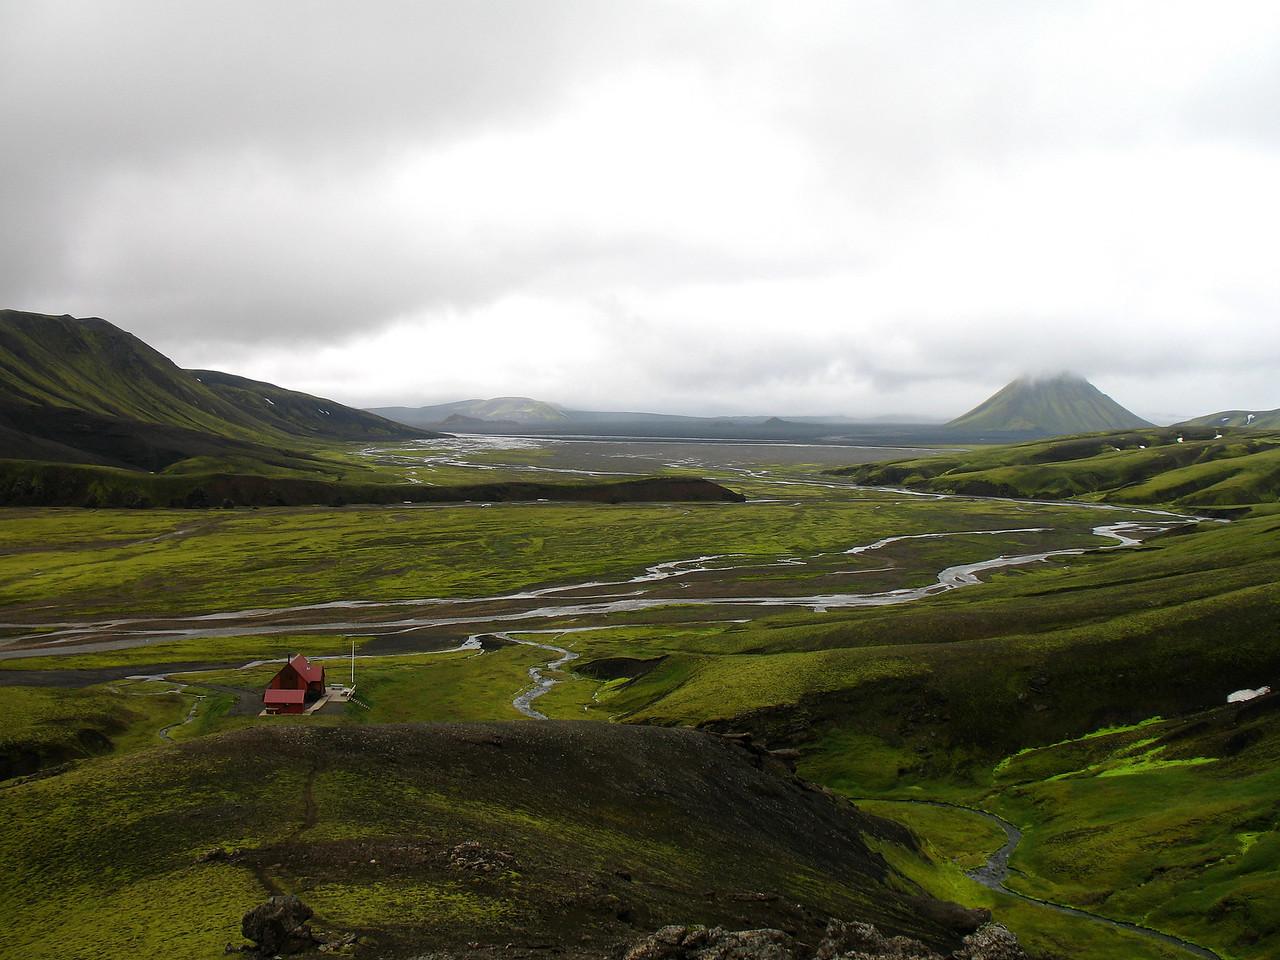 Lagt af stað frá Strútsskála, Mælifell í baksýn.